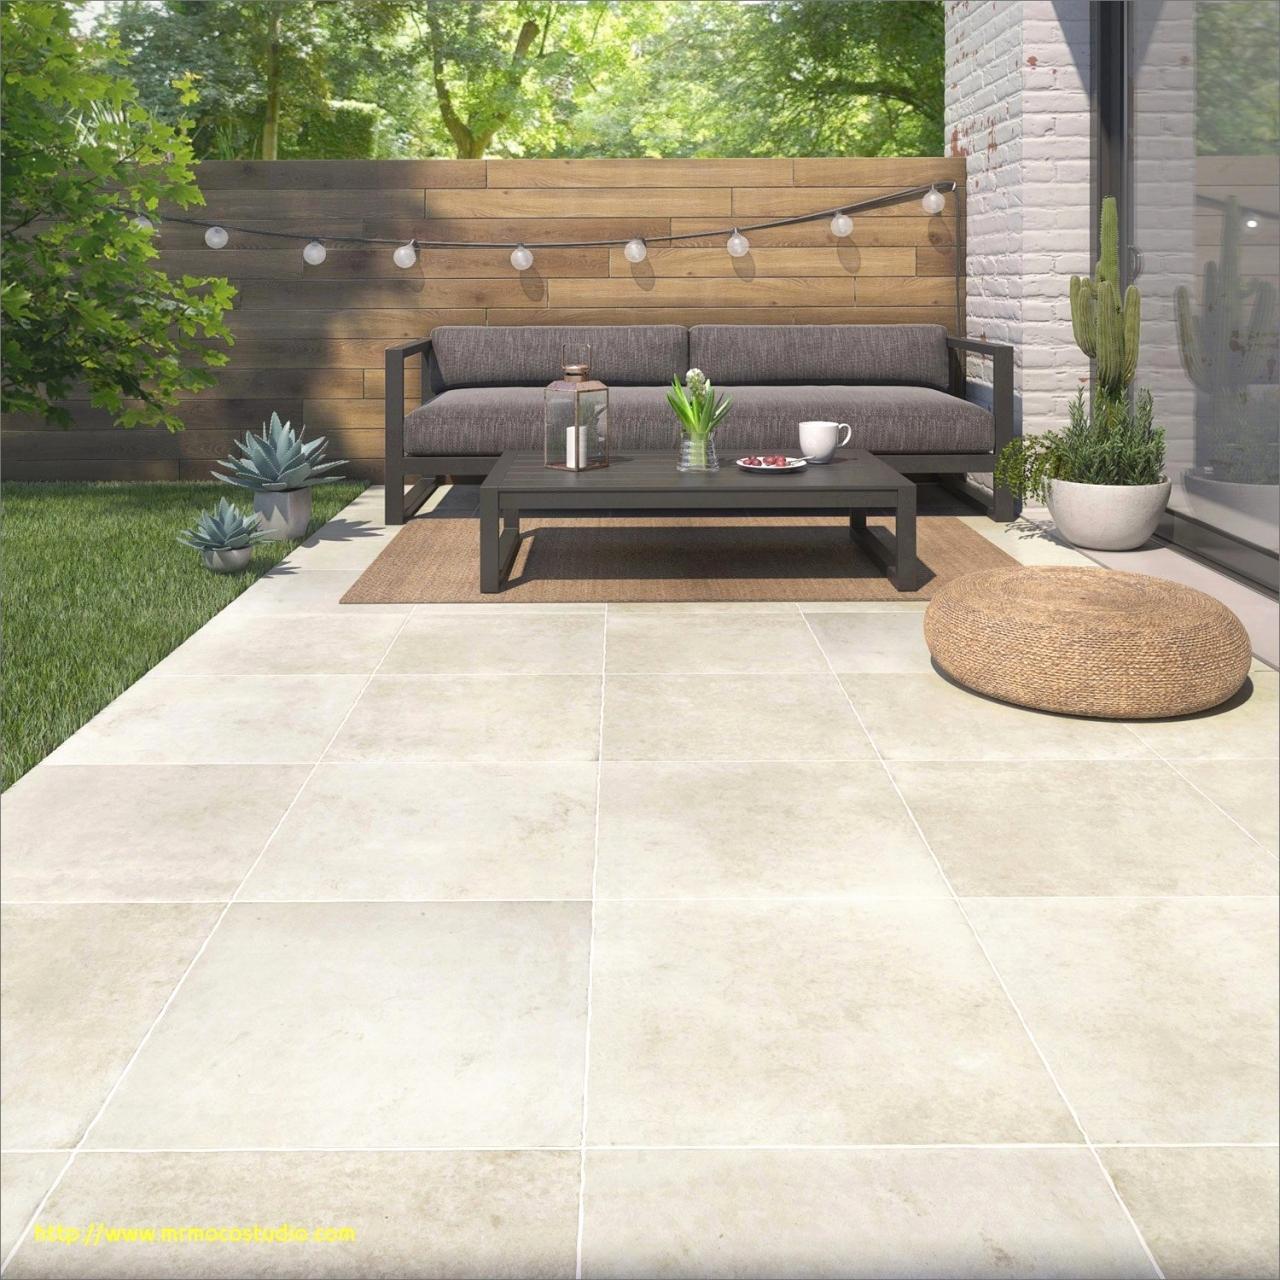 tapis de sol exterieur terrasse luxe 201 tapis de sol exterieur terrasse sol terrasse exterieur elegant of tapis de sol exterieur terrasse